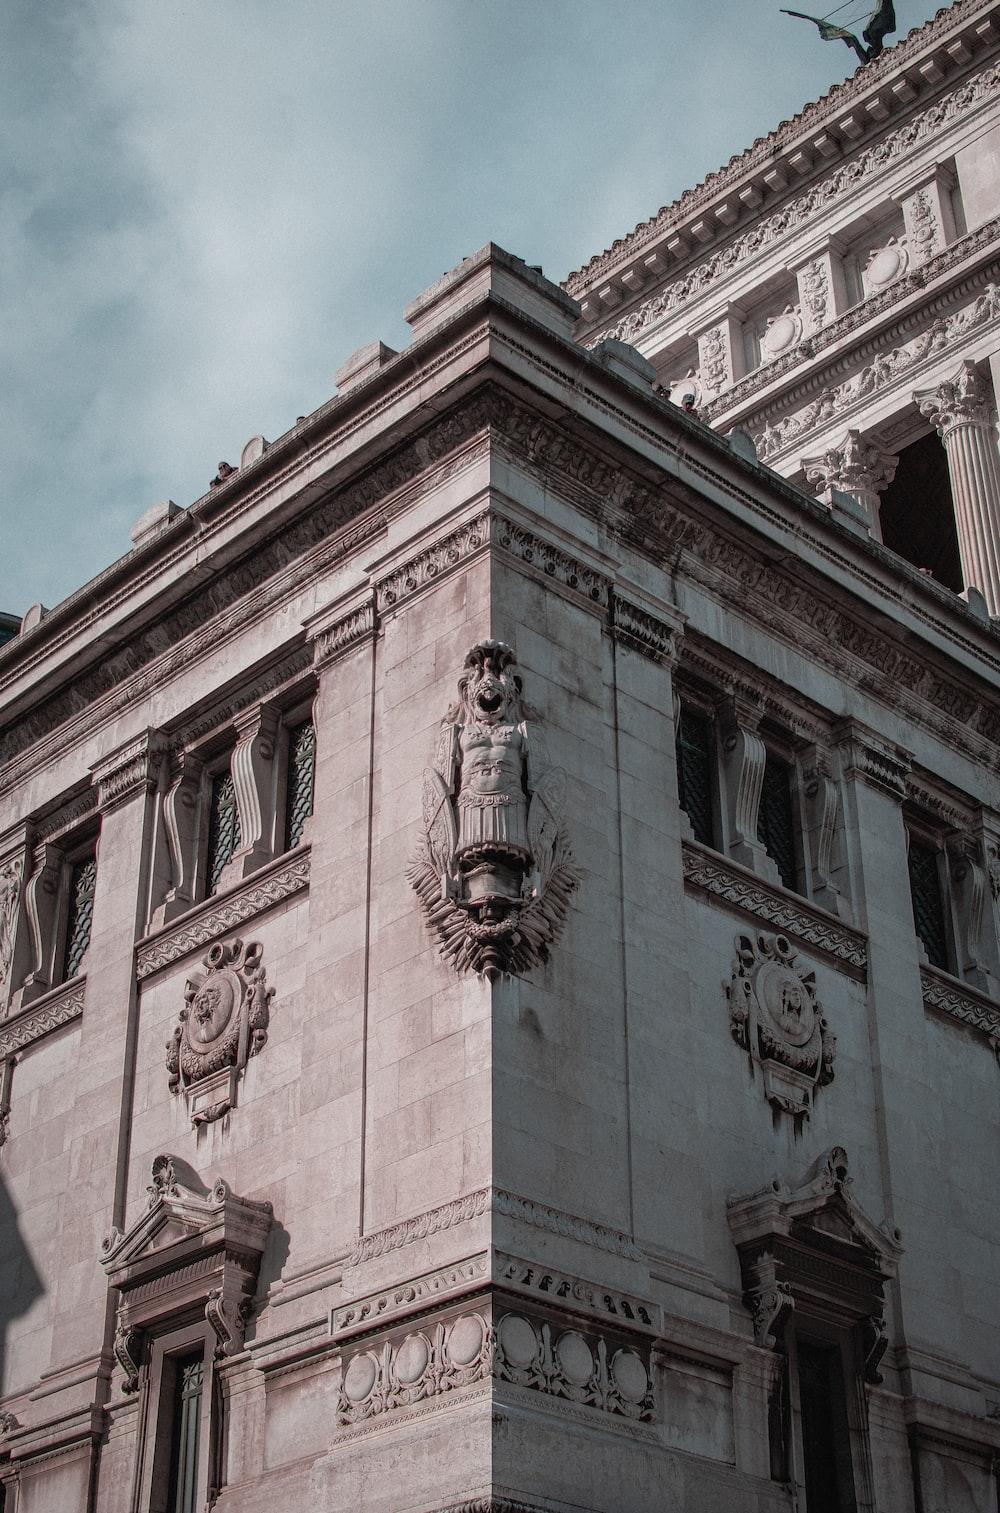 Altare della Patria in Rome Italy under white and blue sky